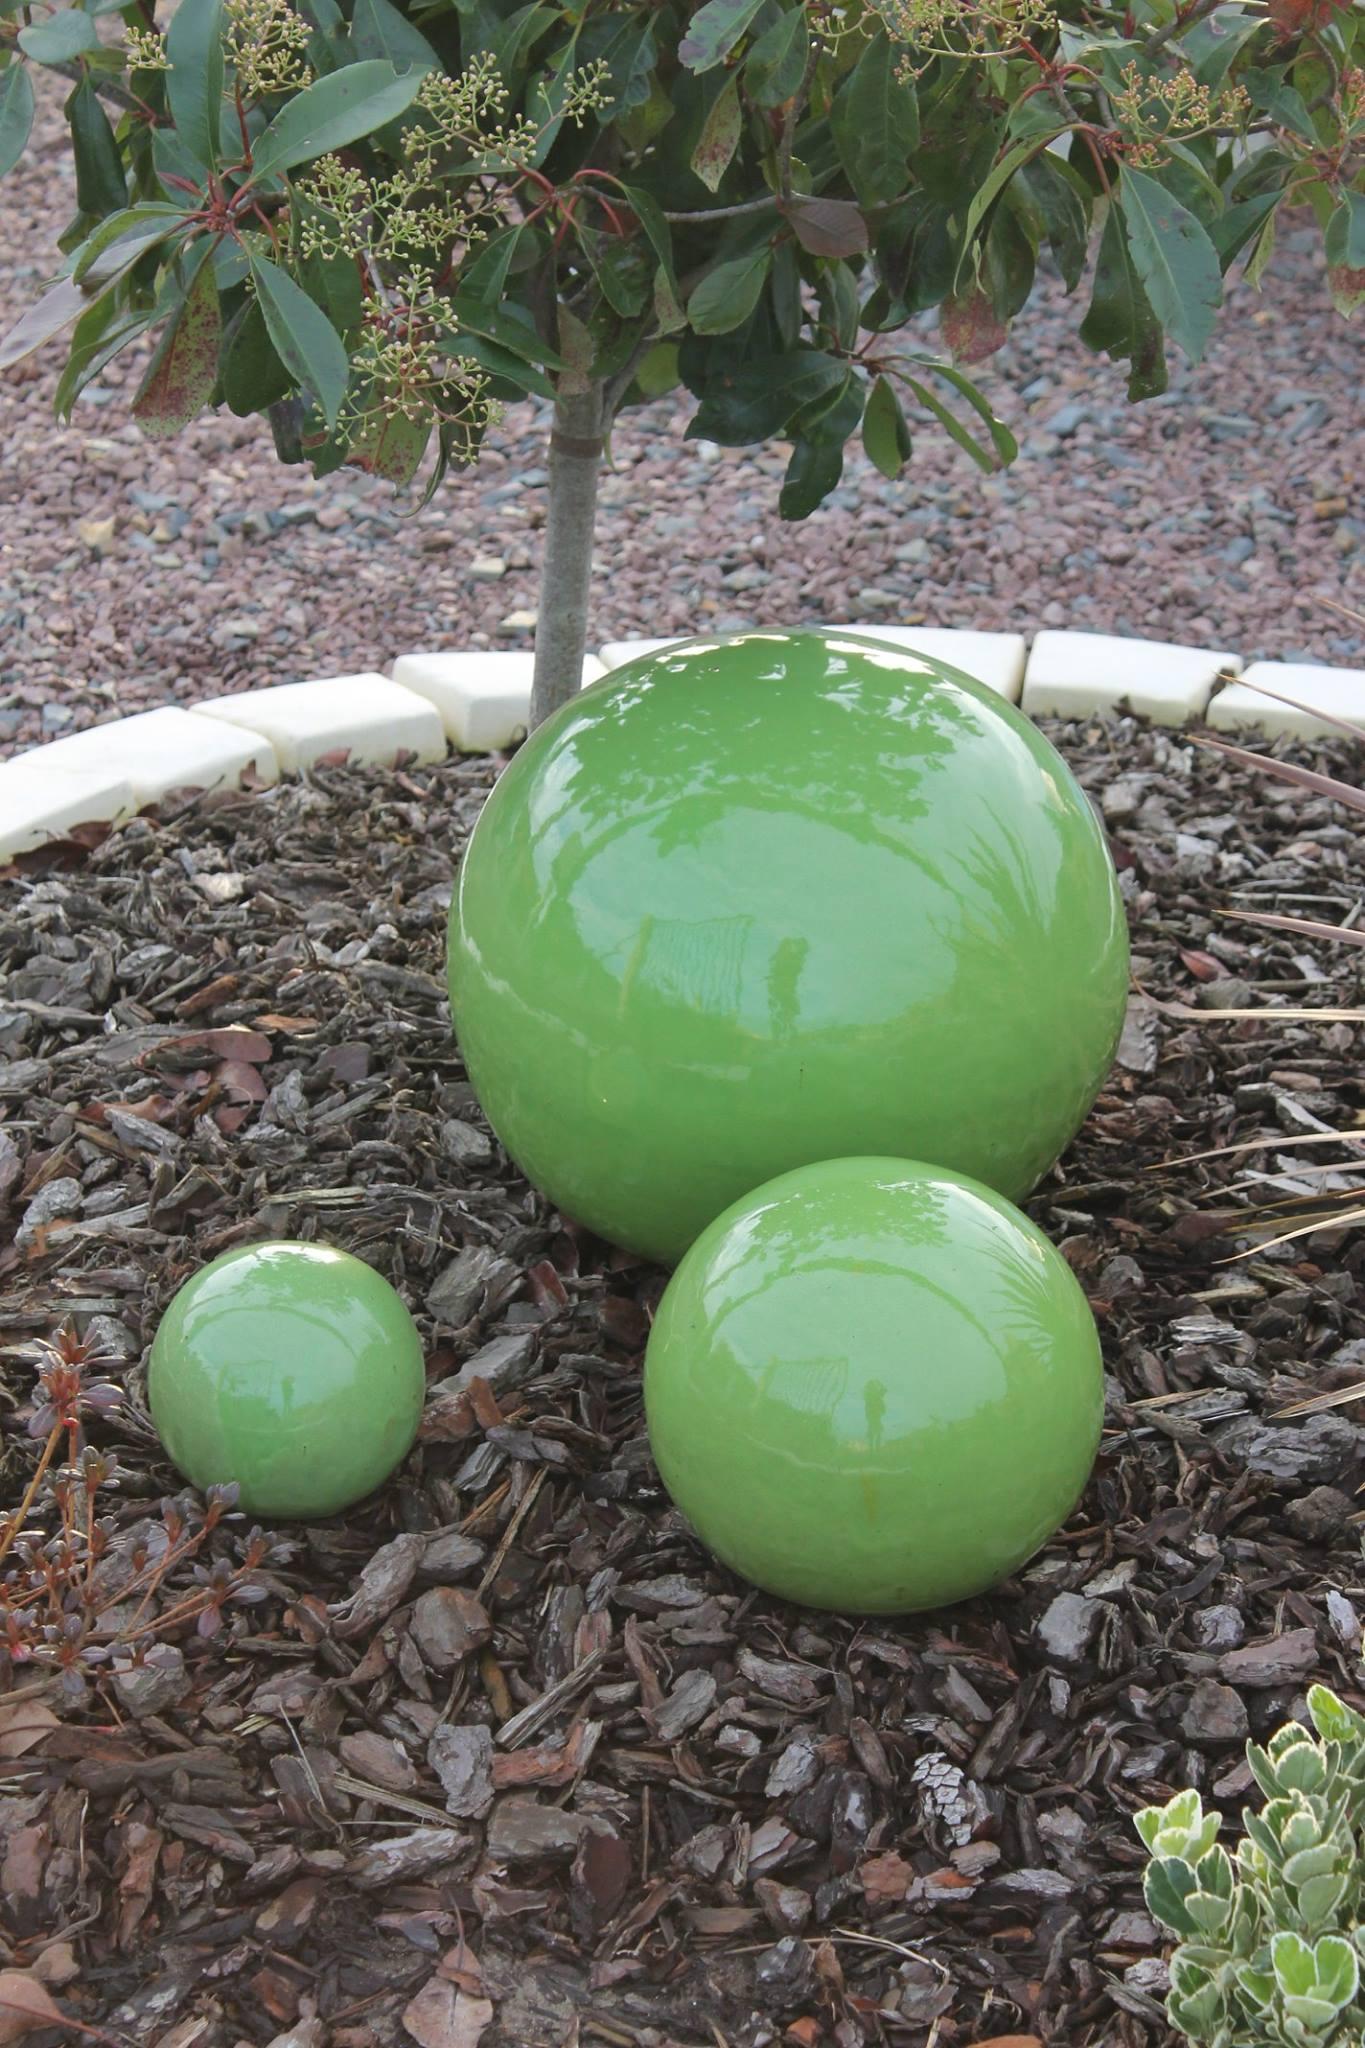 Grosse-Boule-Deco-Jardin-Ceramique-Aublet • Moulin De Jardin ... tout Boule Deco Jardin